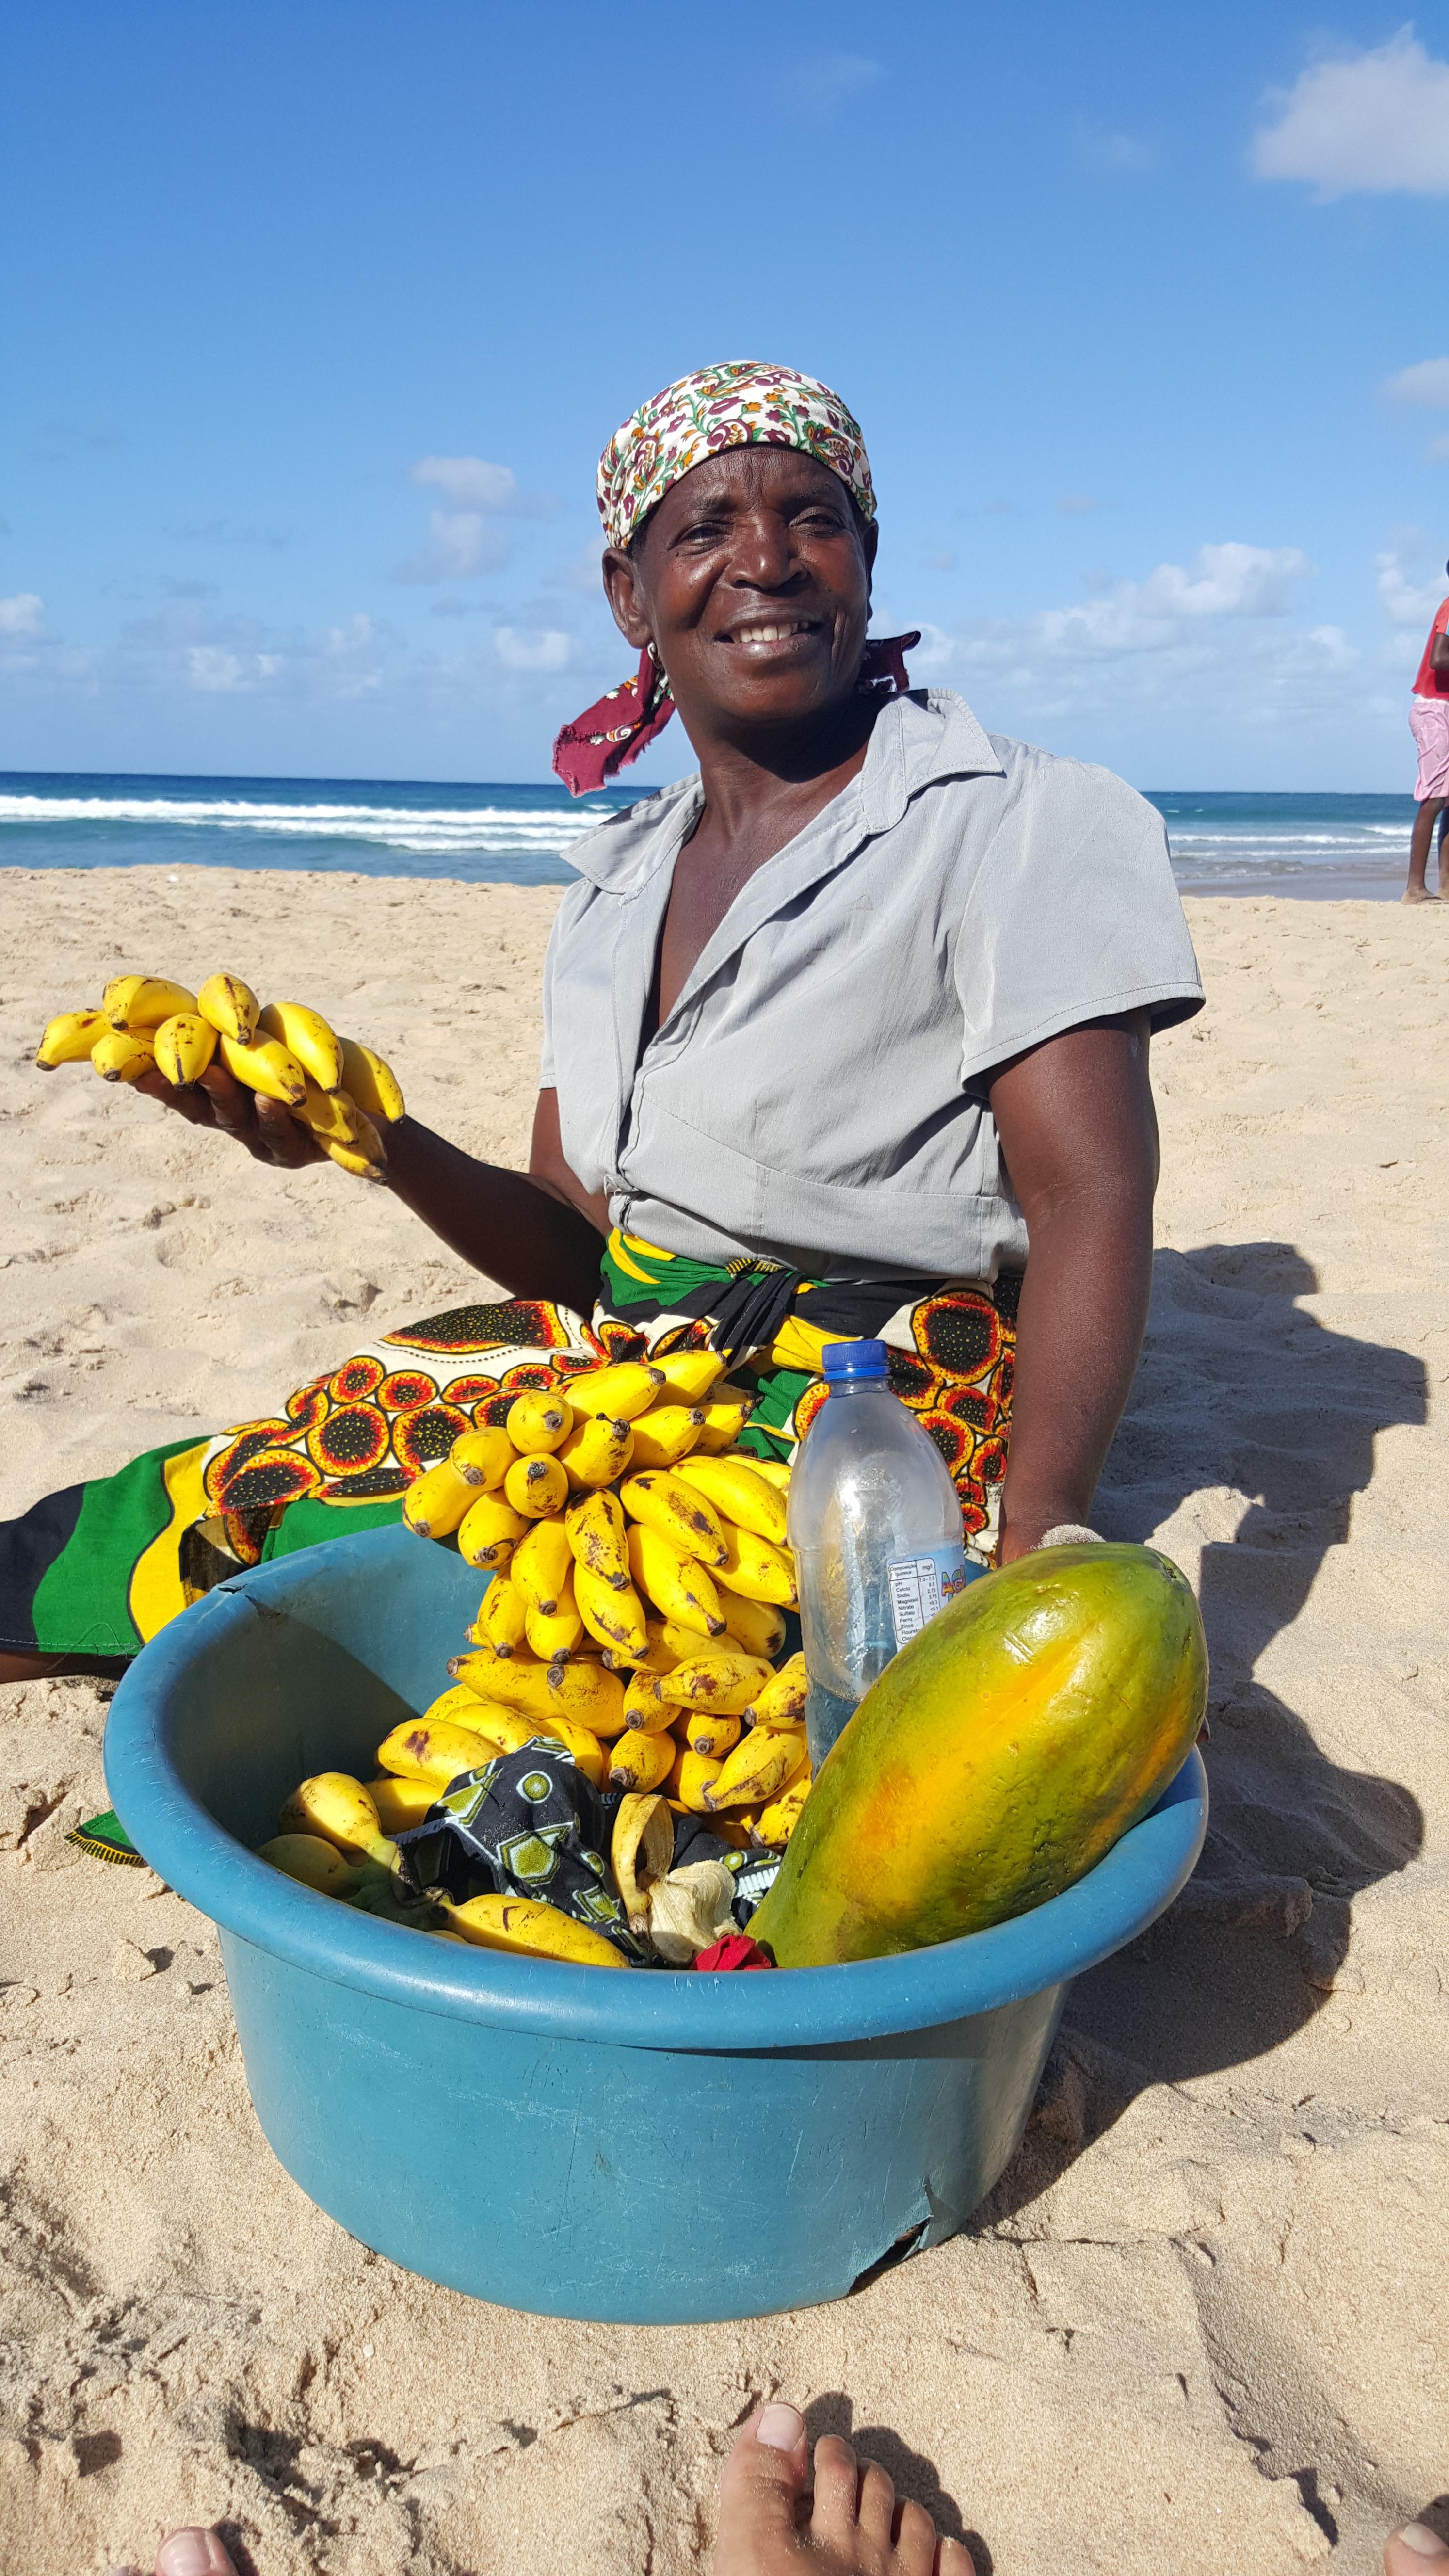 Rosália, a vendedora de frutas que me abasteceu durante minha temporada na Praia do Tofo: um país se faz de pessoas antes de mais nada